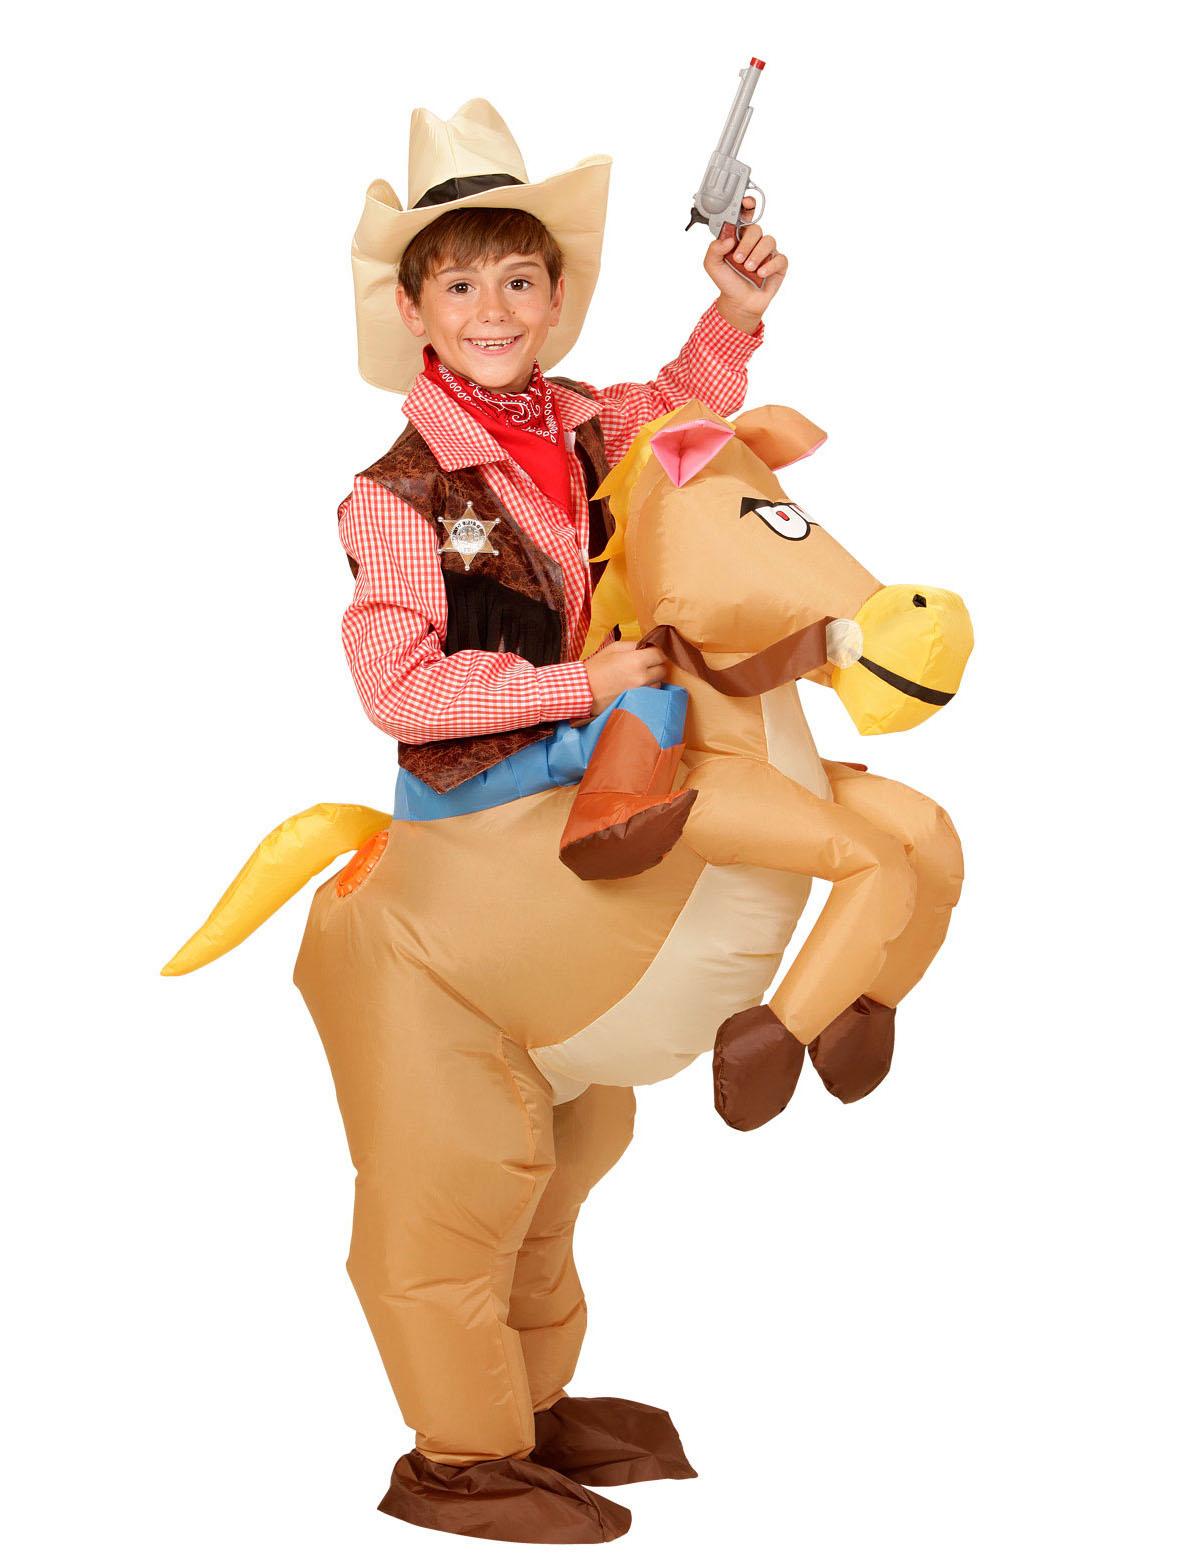 prezzo all'ingrosso vasta gamma nuovi prezzi più bassi Costume cavallo del west per bambino